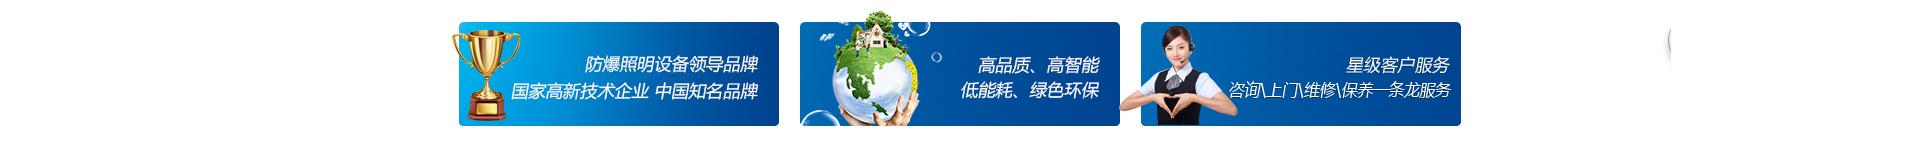 广告Banner 1